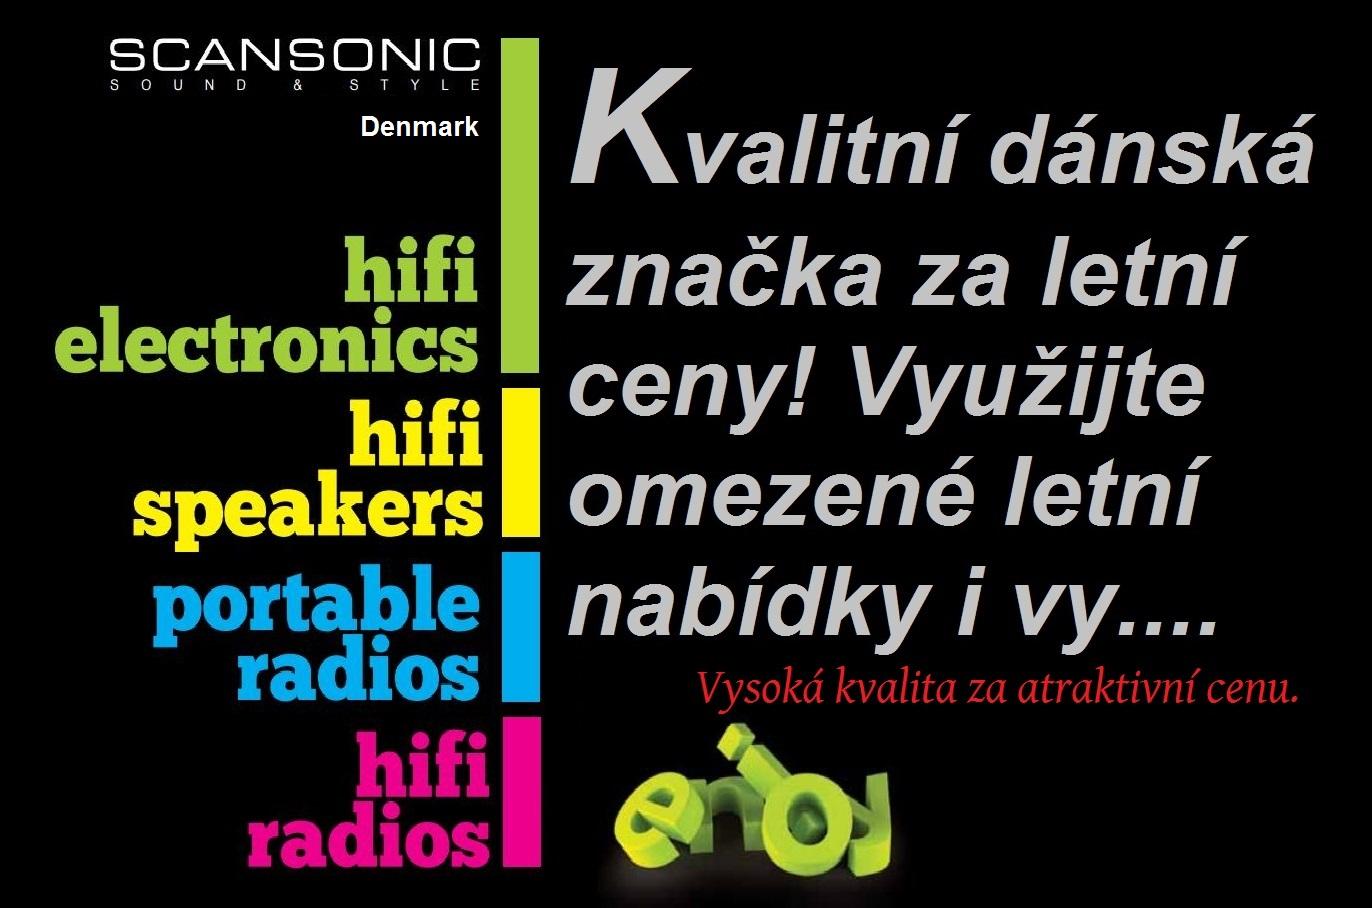 Vysoká zvuková kvalita a design ! To je dánská značka Scansonic v letních slevách...